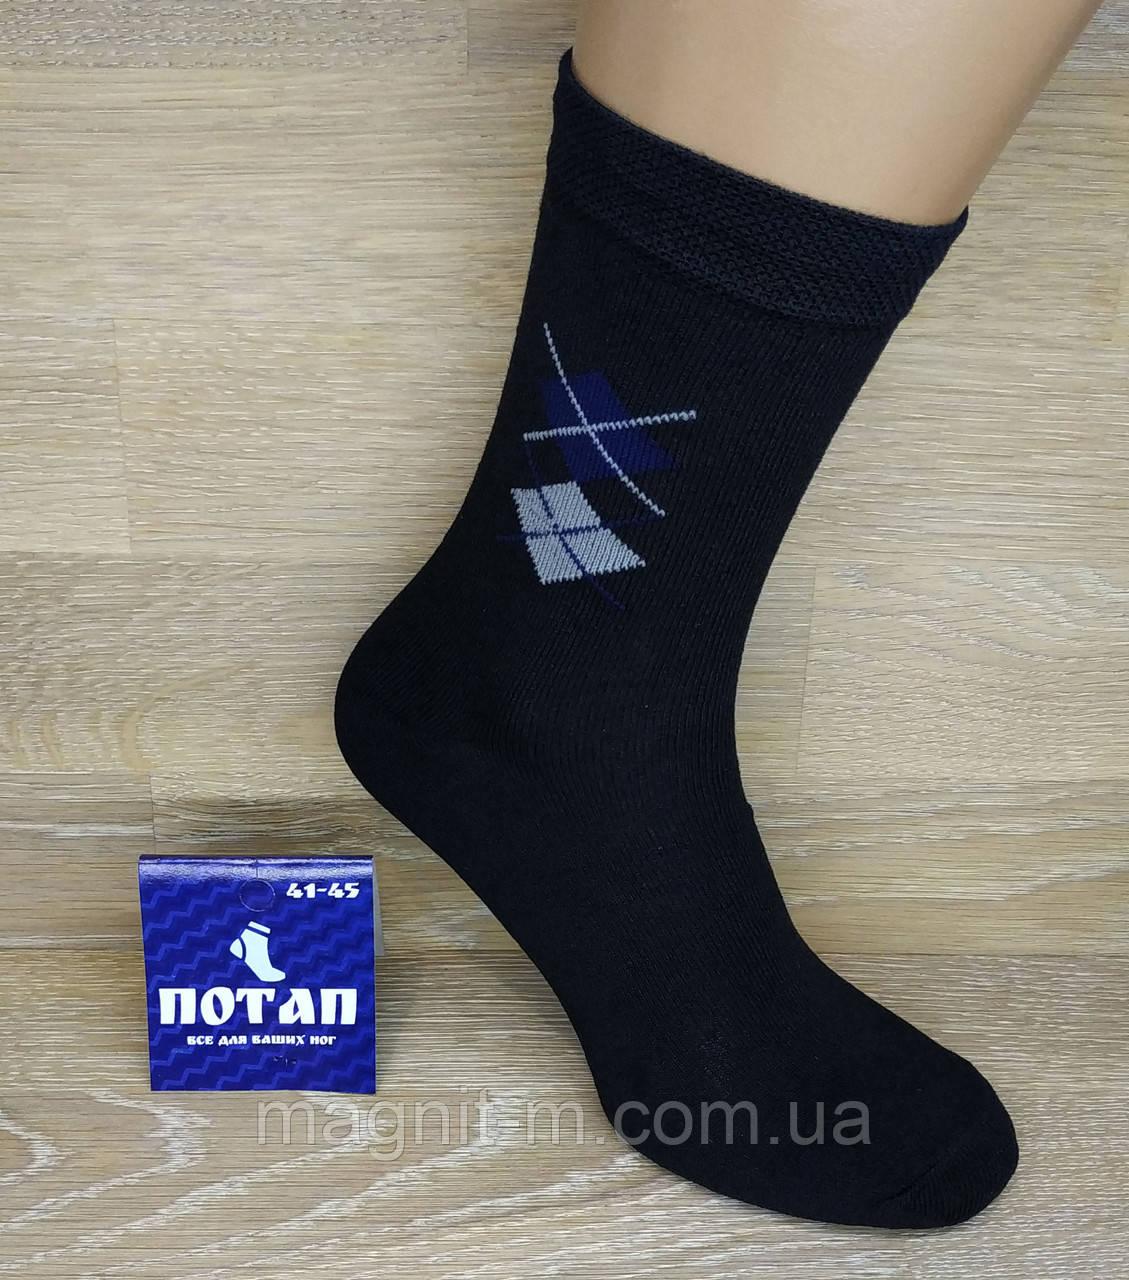 """Шкарпетки чоловічі стрейчеві """"Потап"""". Ромбики. Чорний колір. №089."""